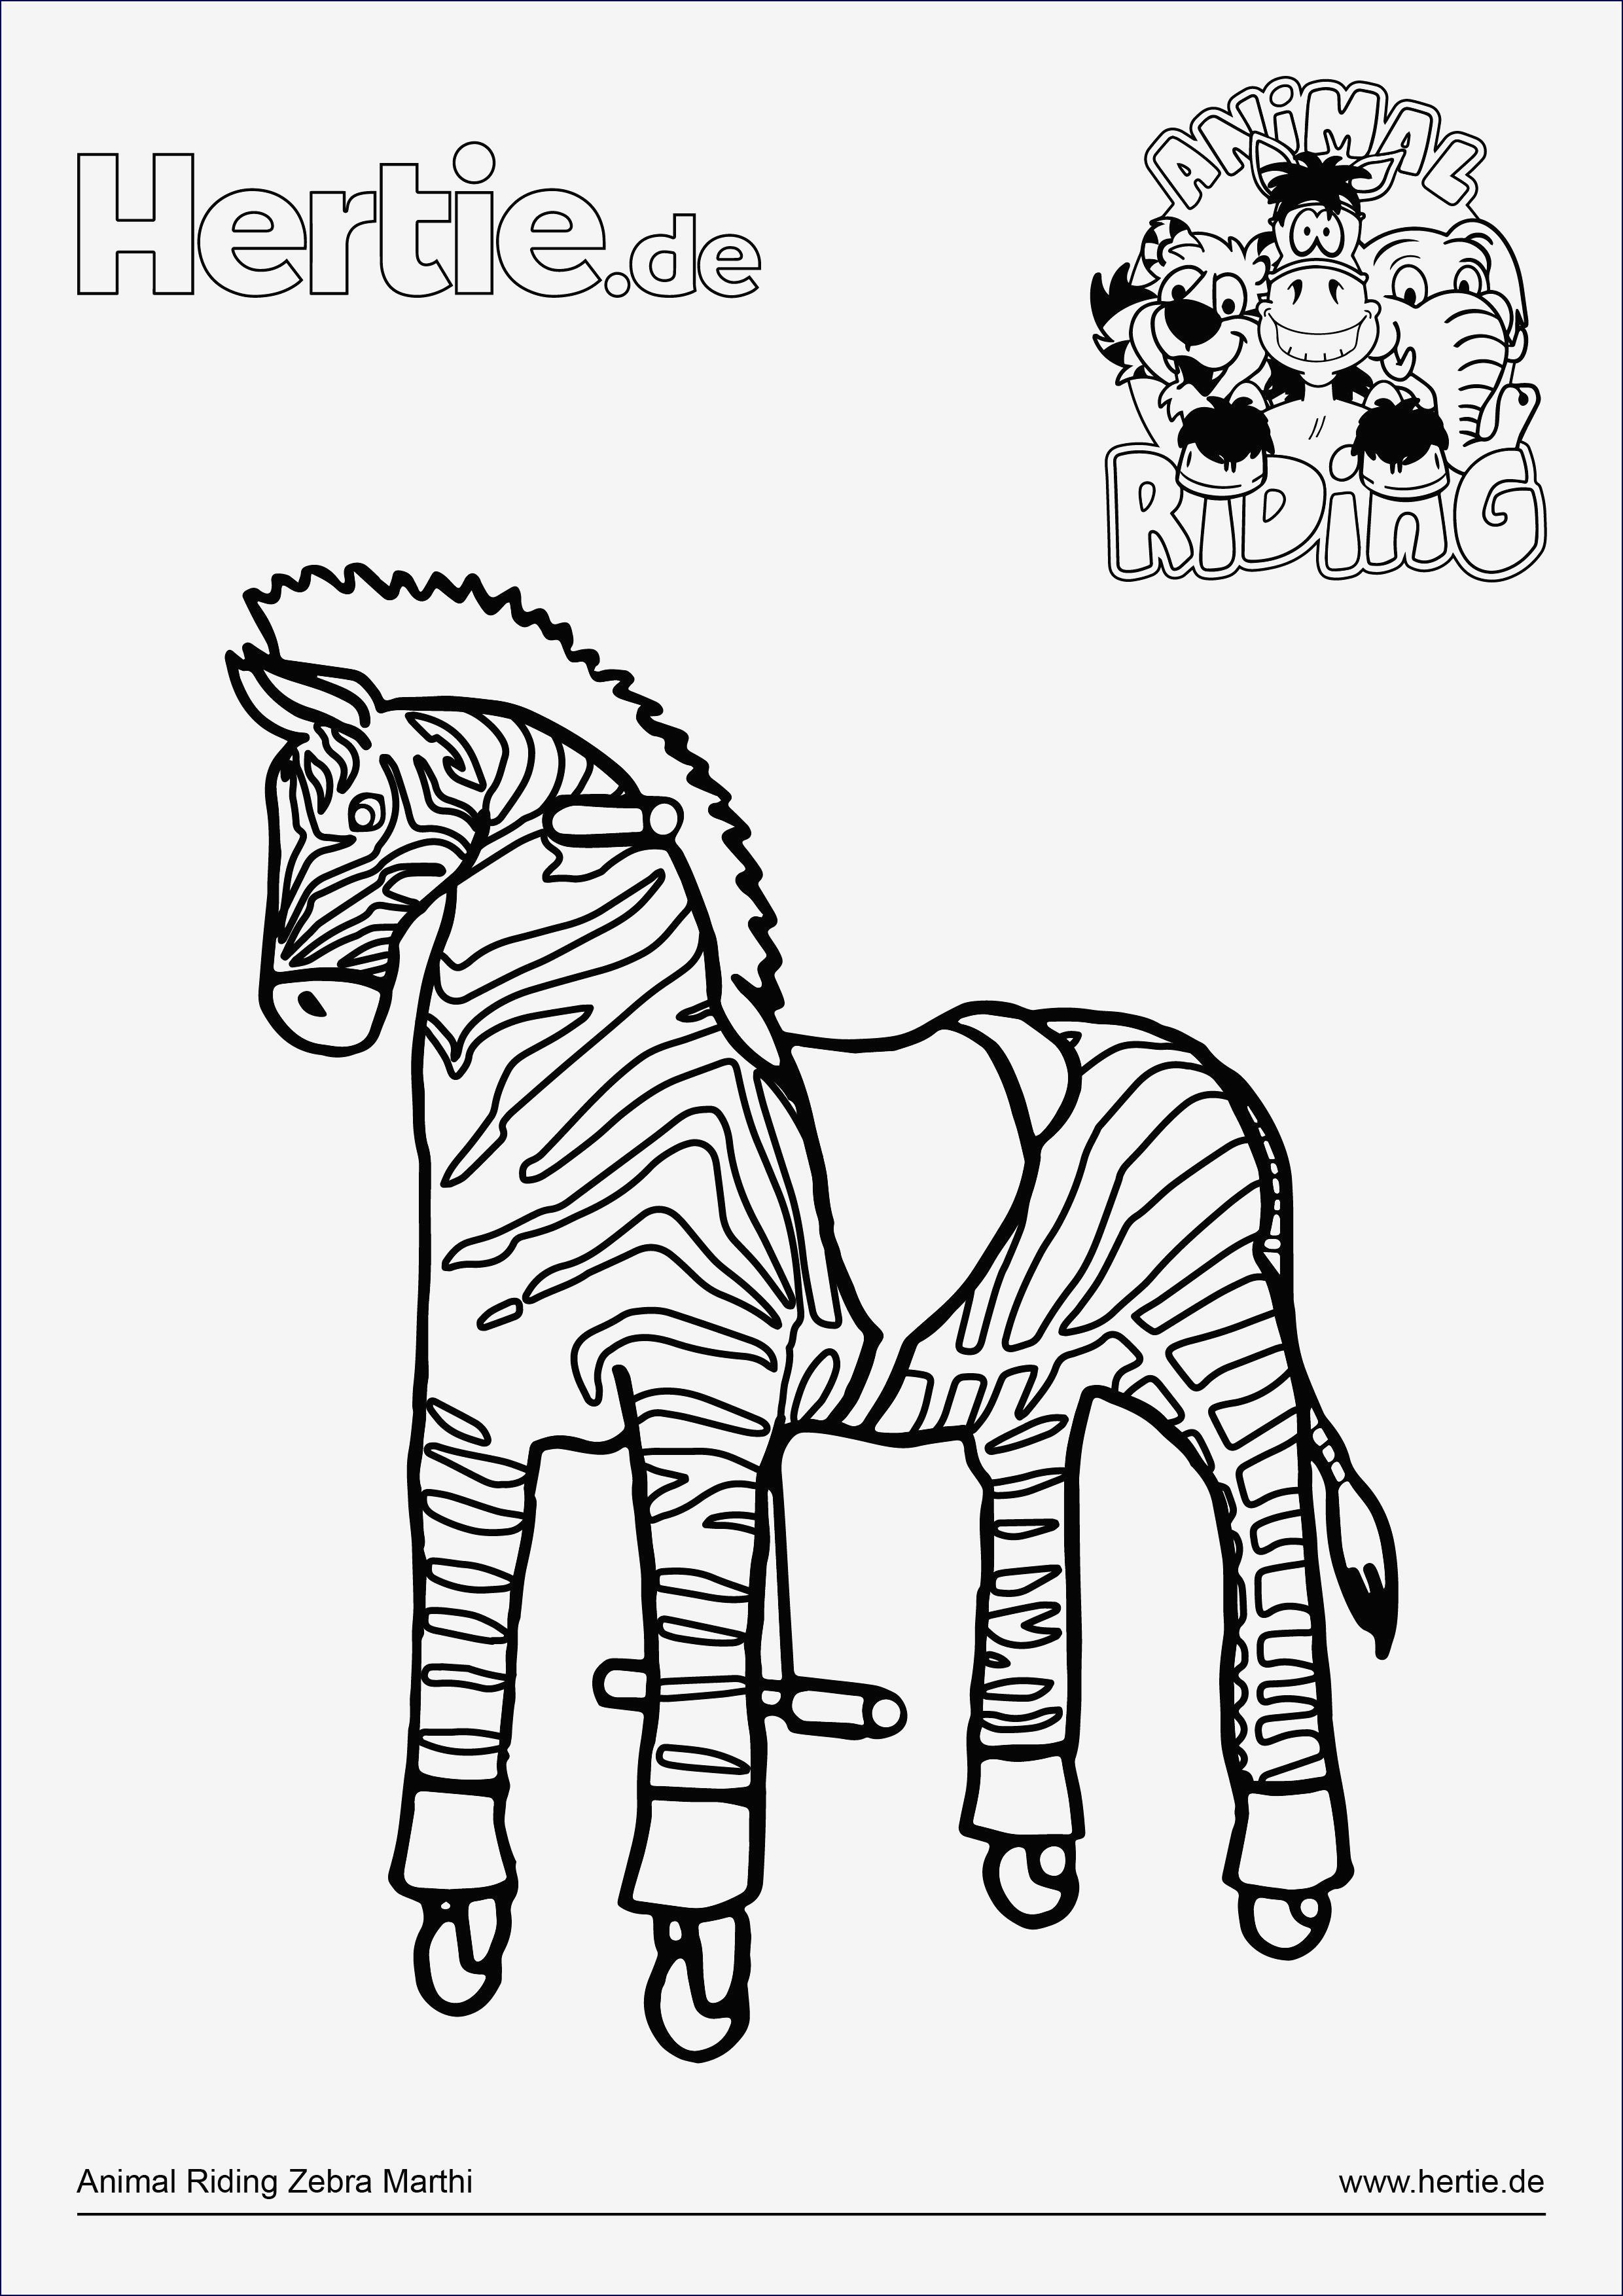 Pferde Ausmalbilder Mit Reiter Genial Lernspiele Färbung Bilder Ausmalbilder Pferde Mit Reiter Bild